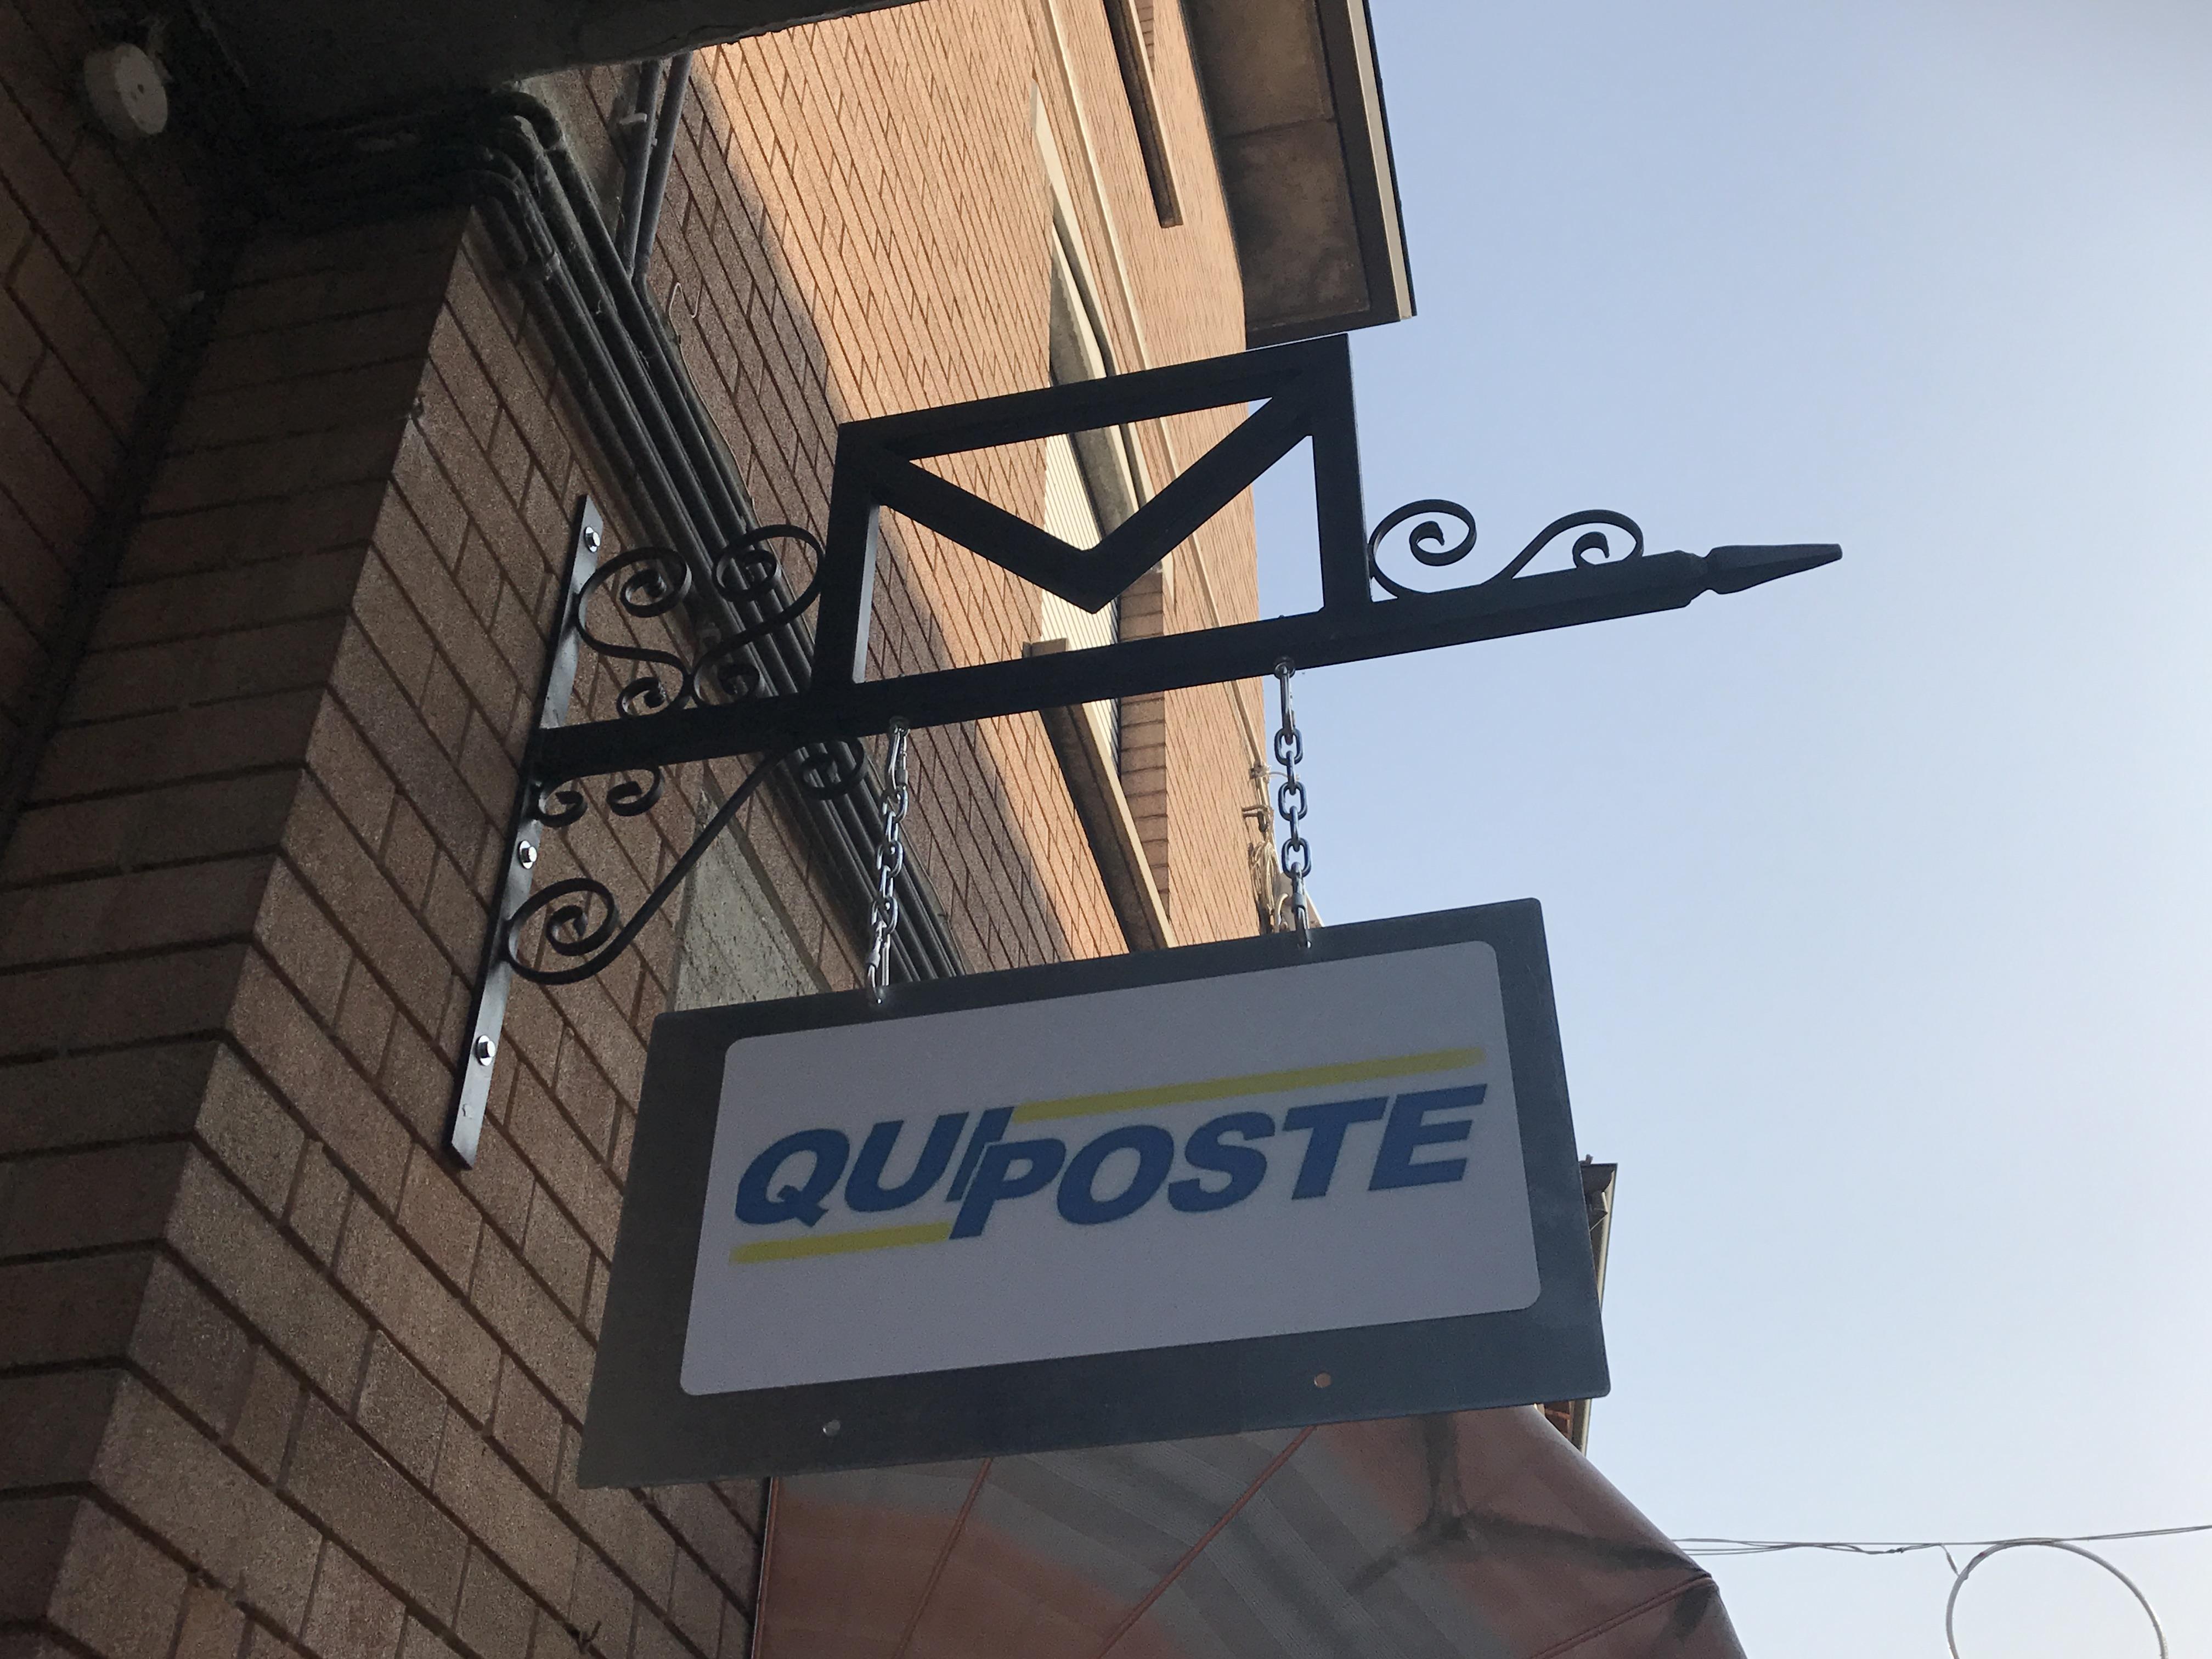 QuiPoste, il servizio pratico e veloce per inviare raccomandate, pacchi e fruire di tanti altri servizi